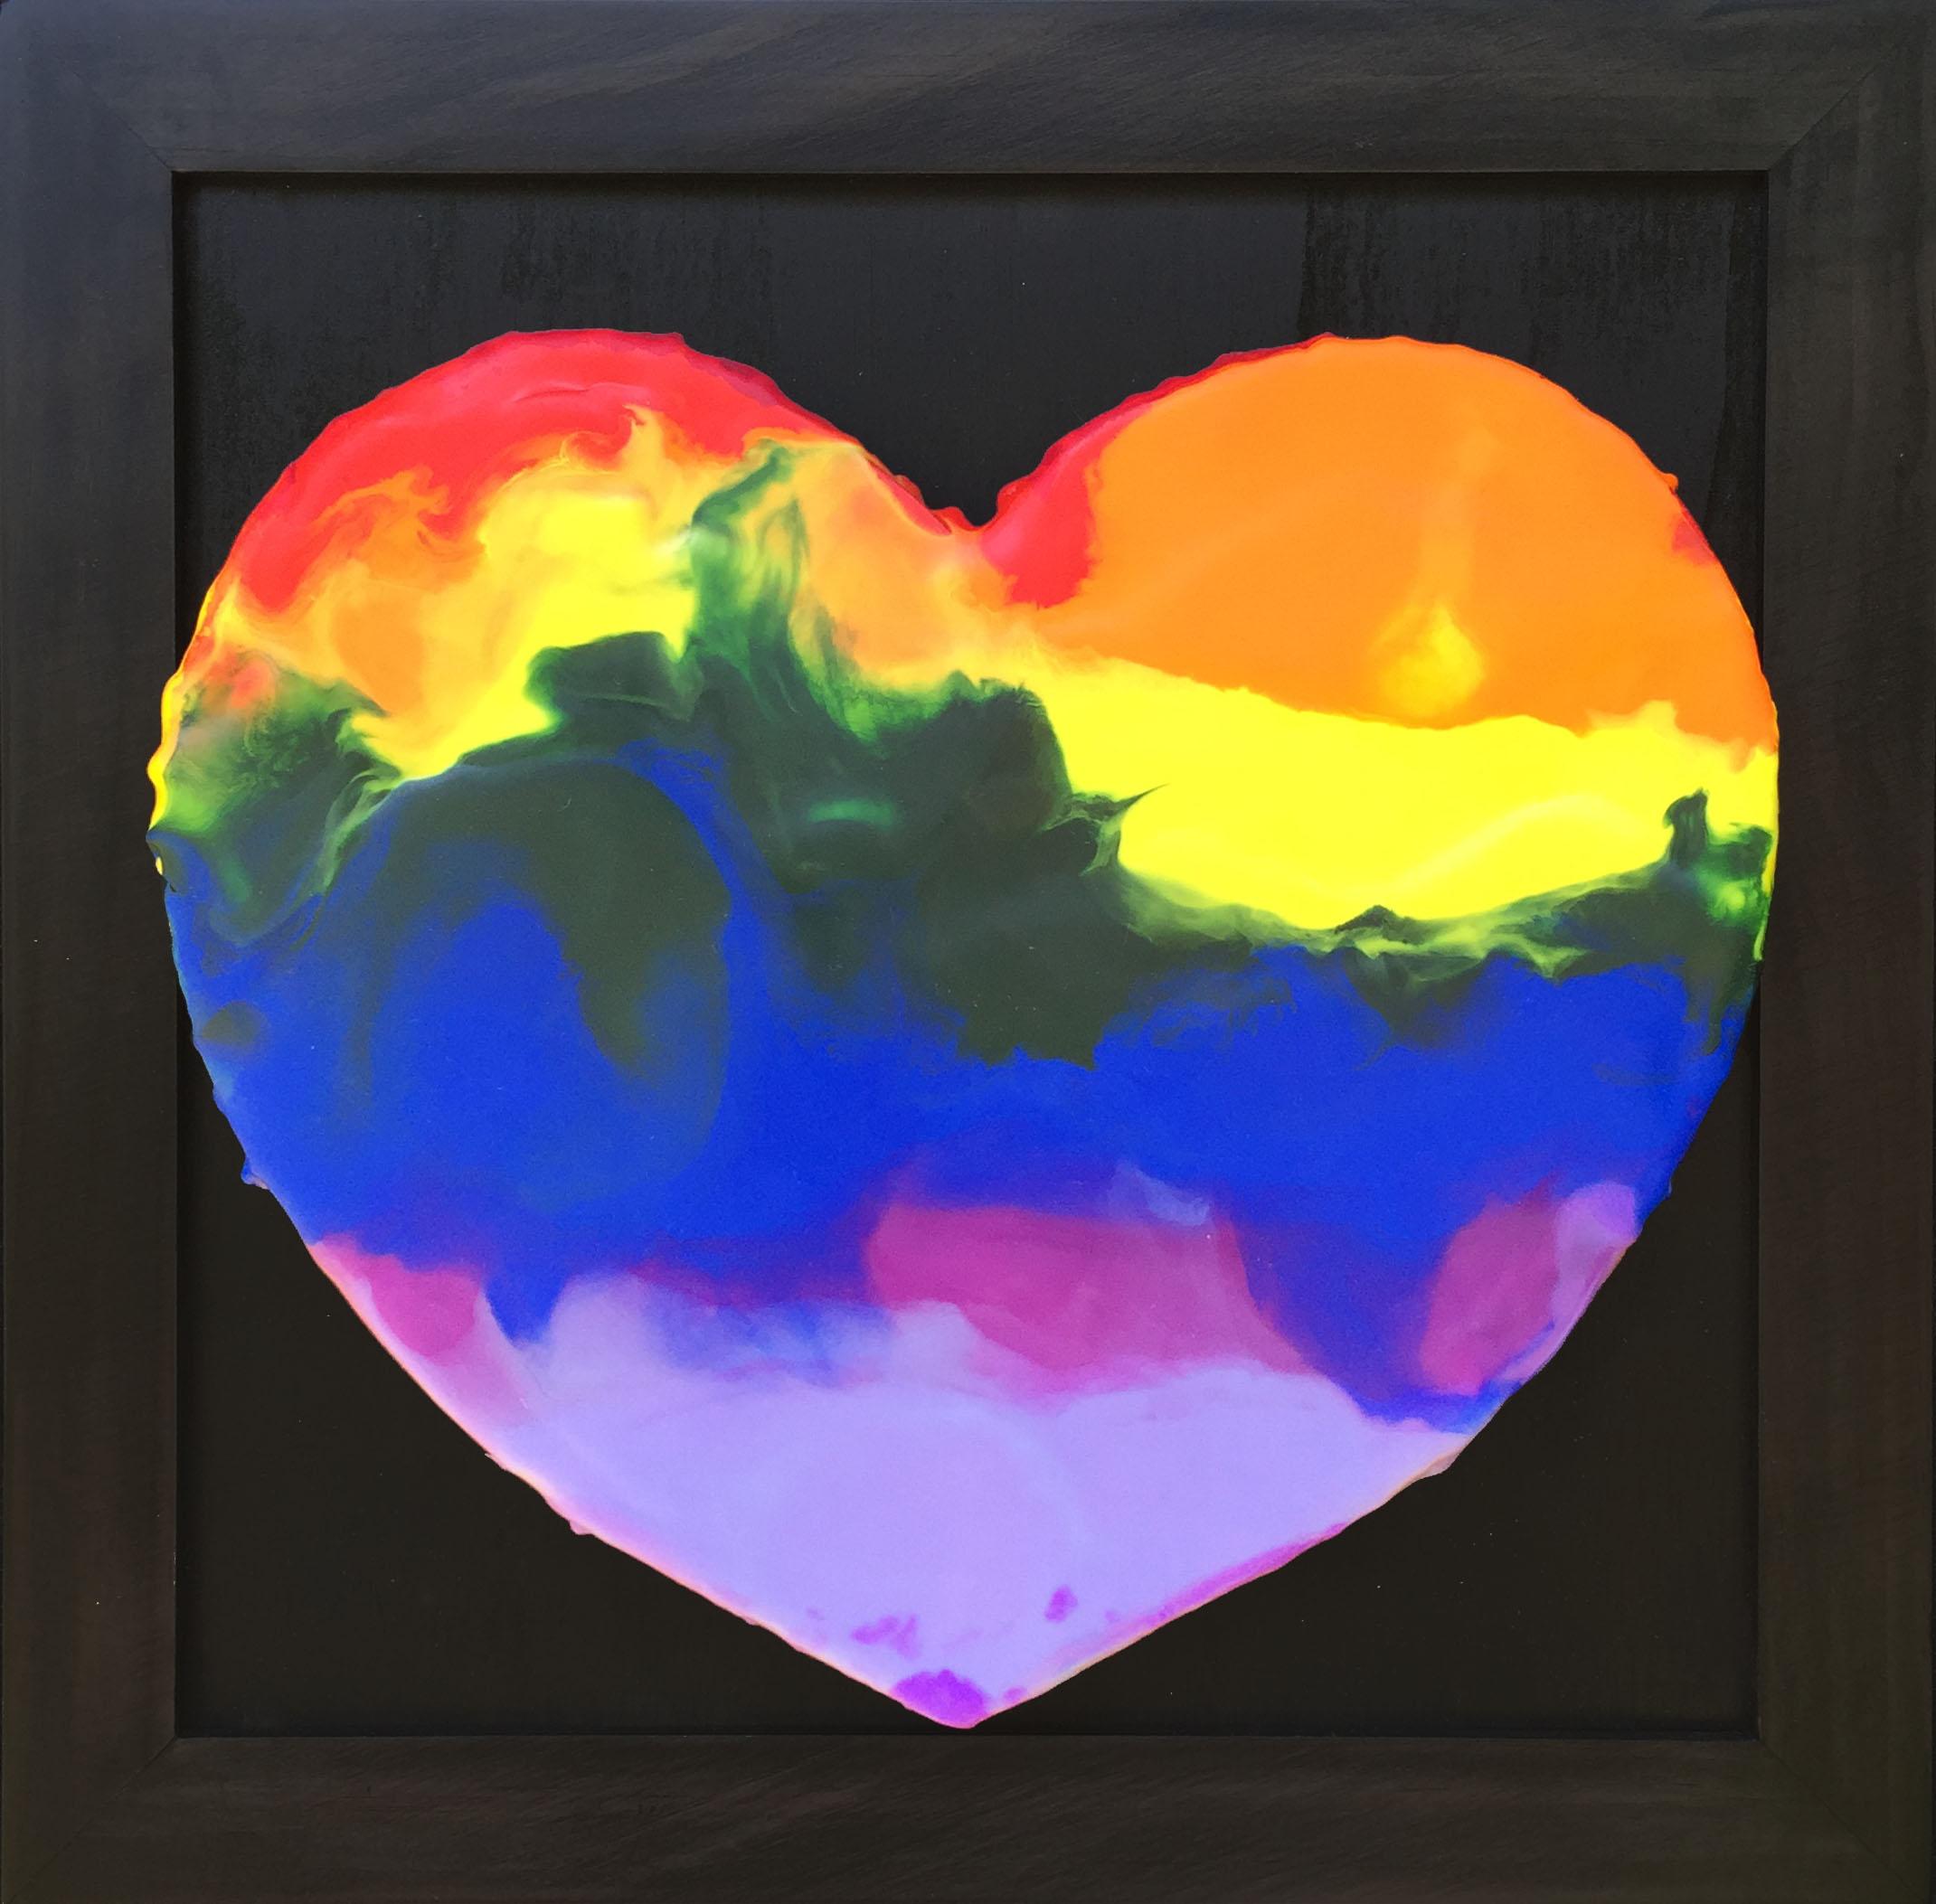 Heart14.jpg